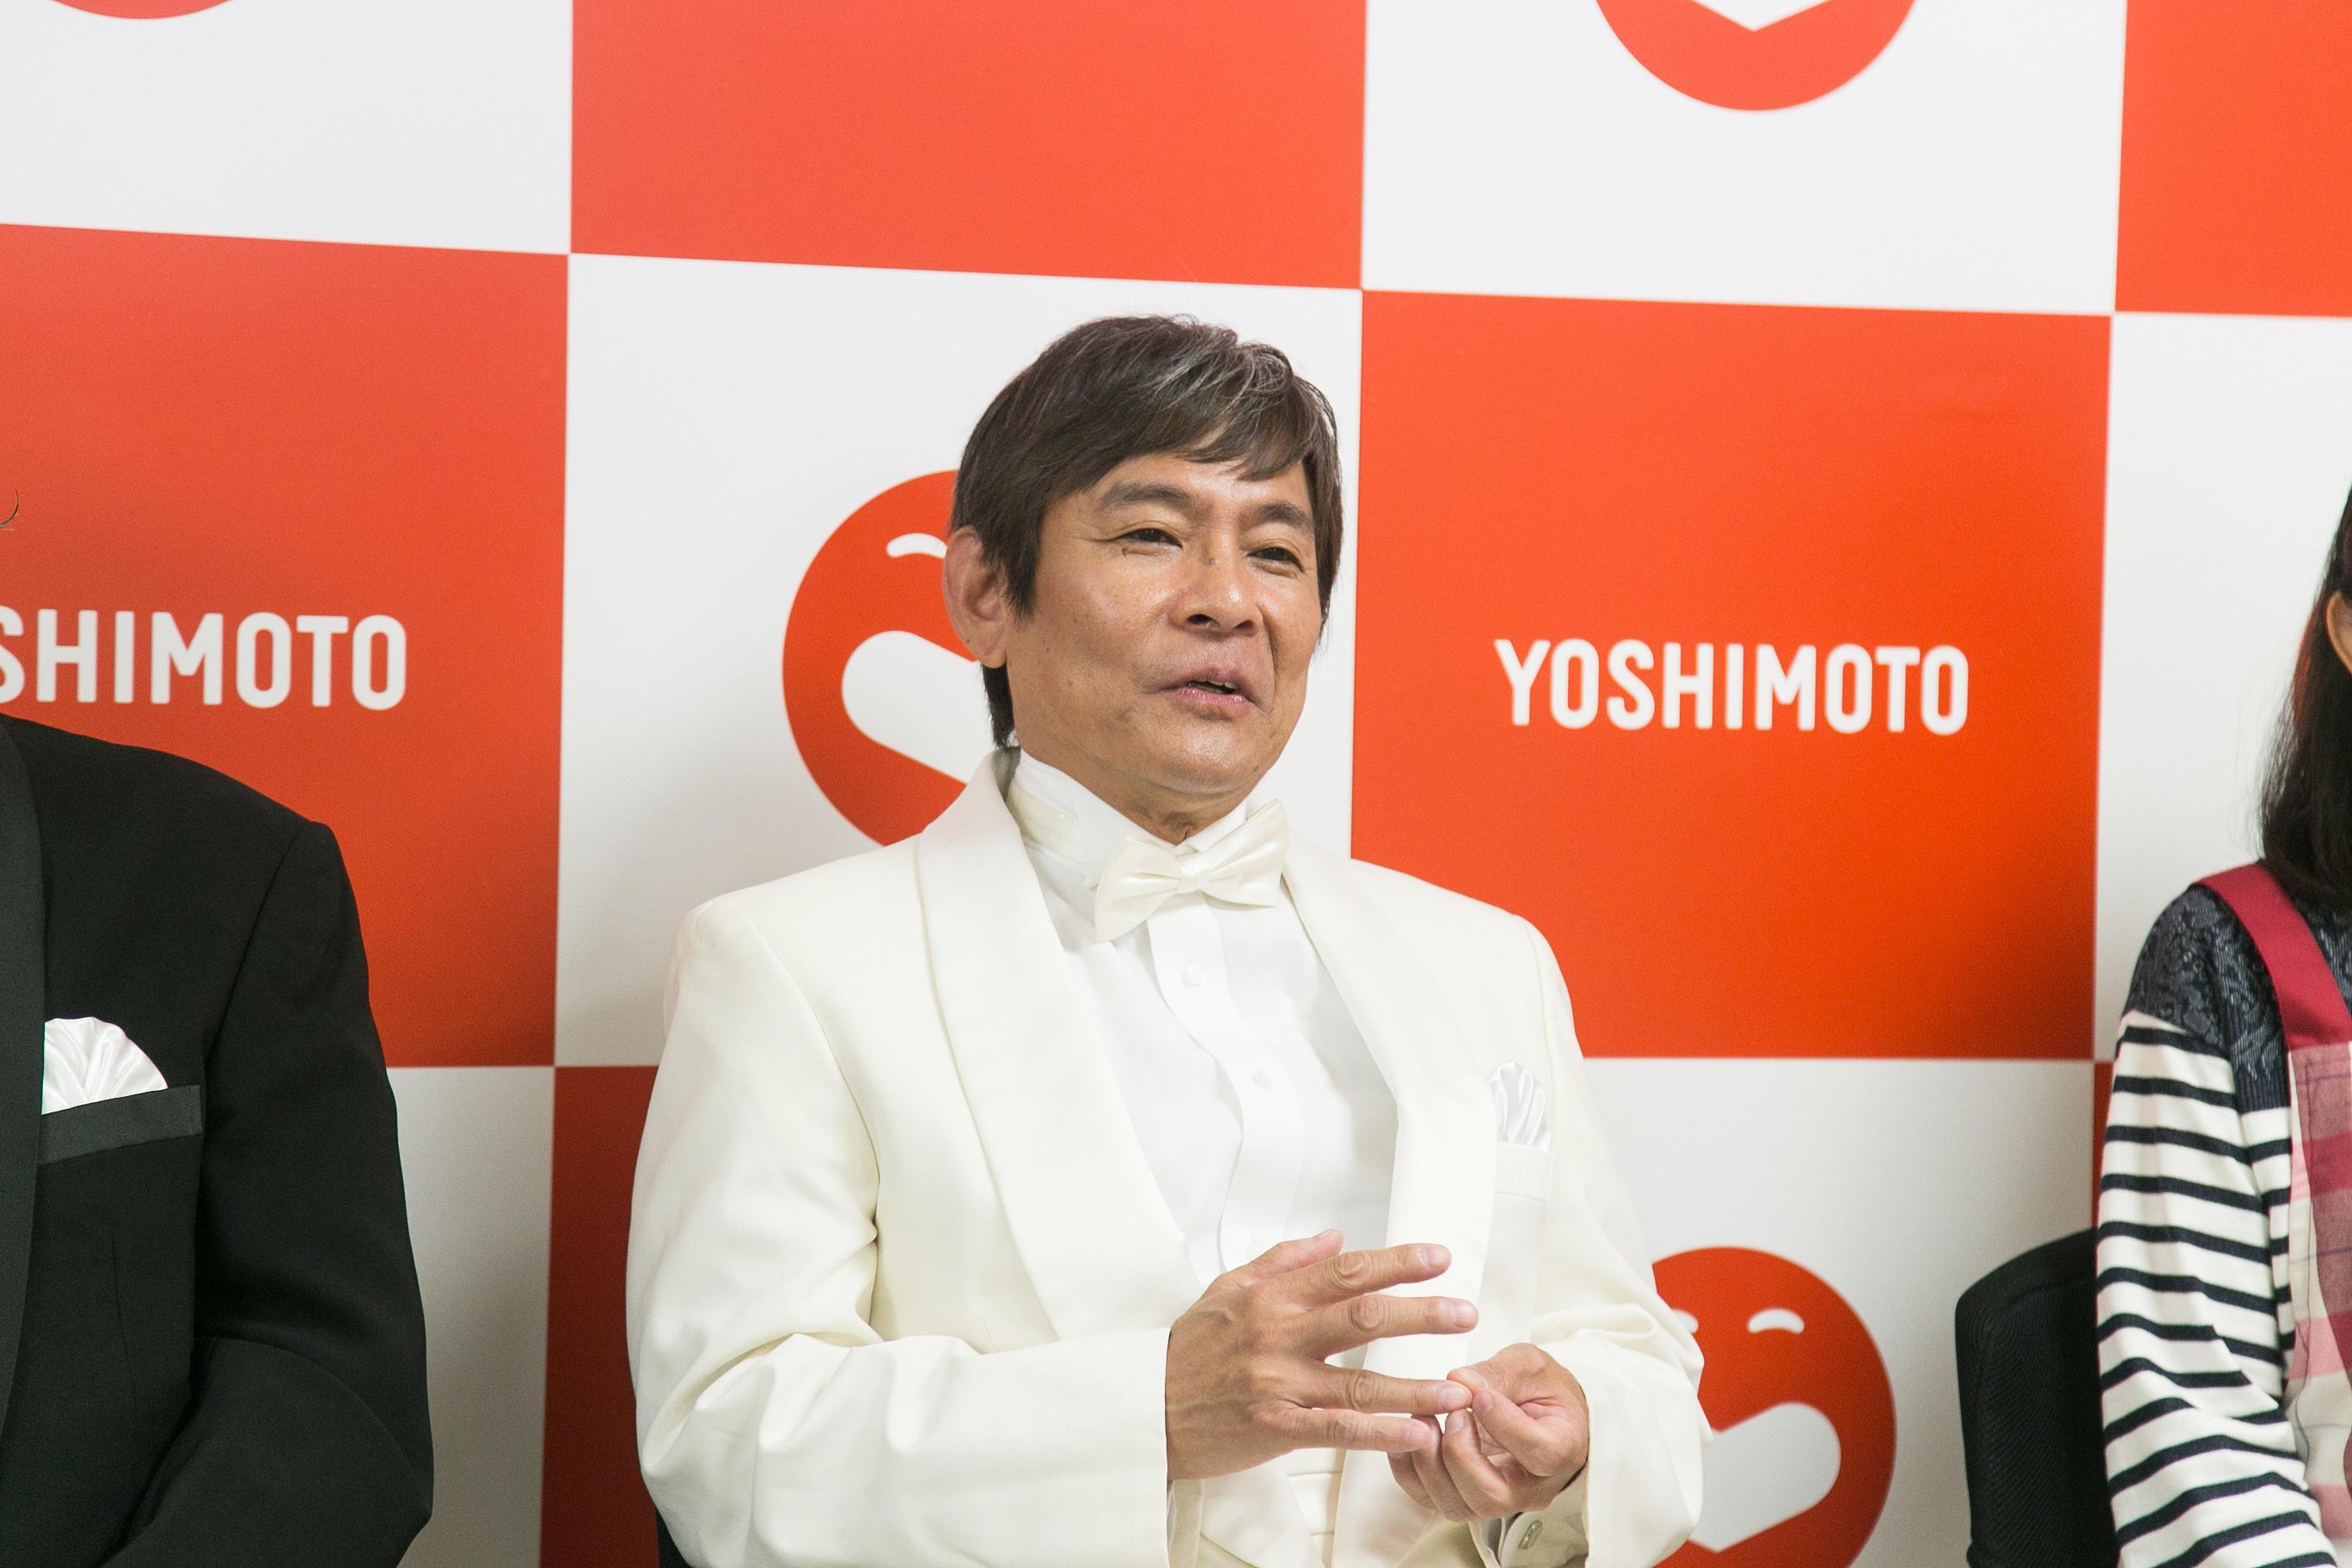 http://news.yoshimoto.co.jp/20180914171019-c9cde2080ca1080c06f8bdb937dd8abc7347c0a3.jpg